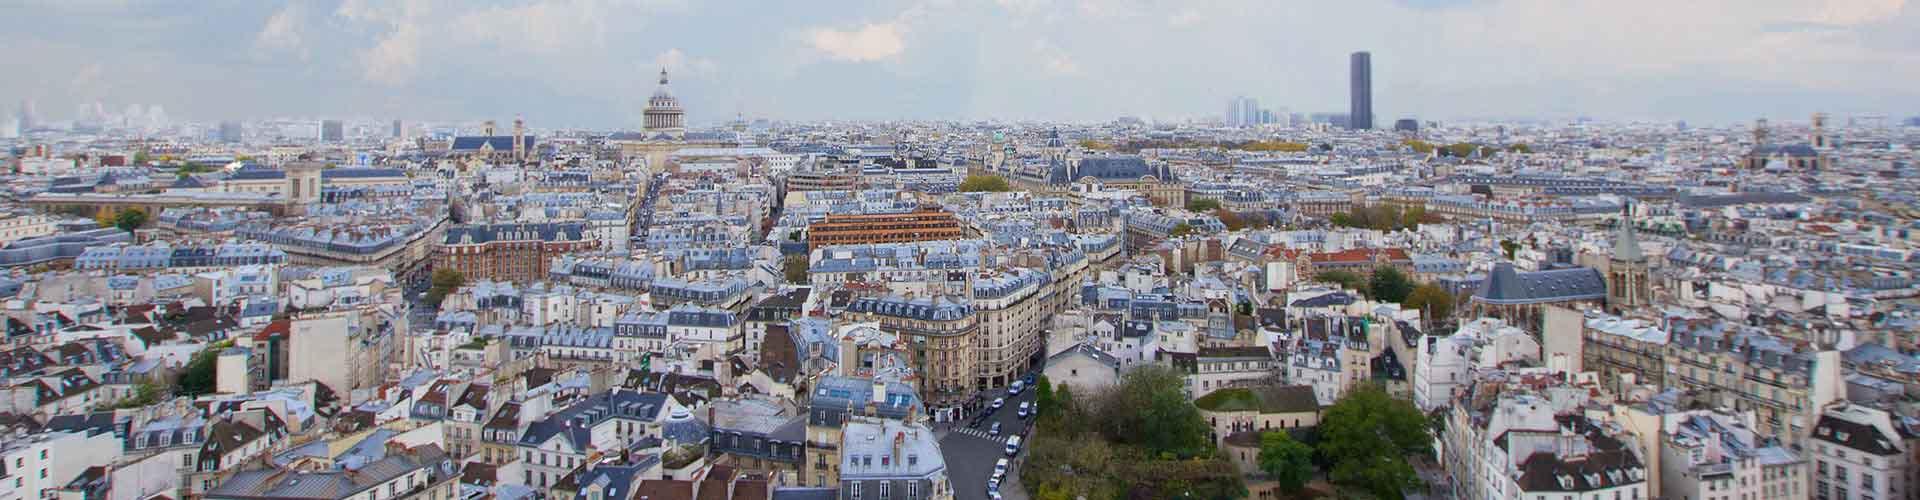 Paris - Auberges de jeunesse dans le quartier de Quartier Latin. Cartes pour Paris, photos et commentaires pour chaque auberge de jeunesse à Paris.